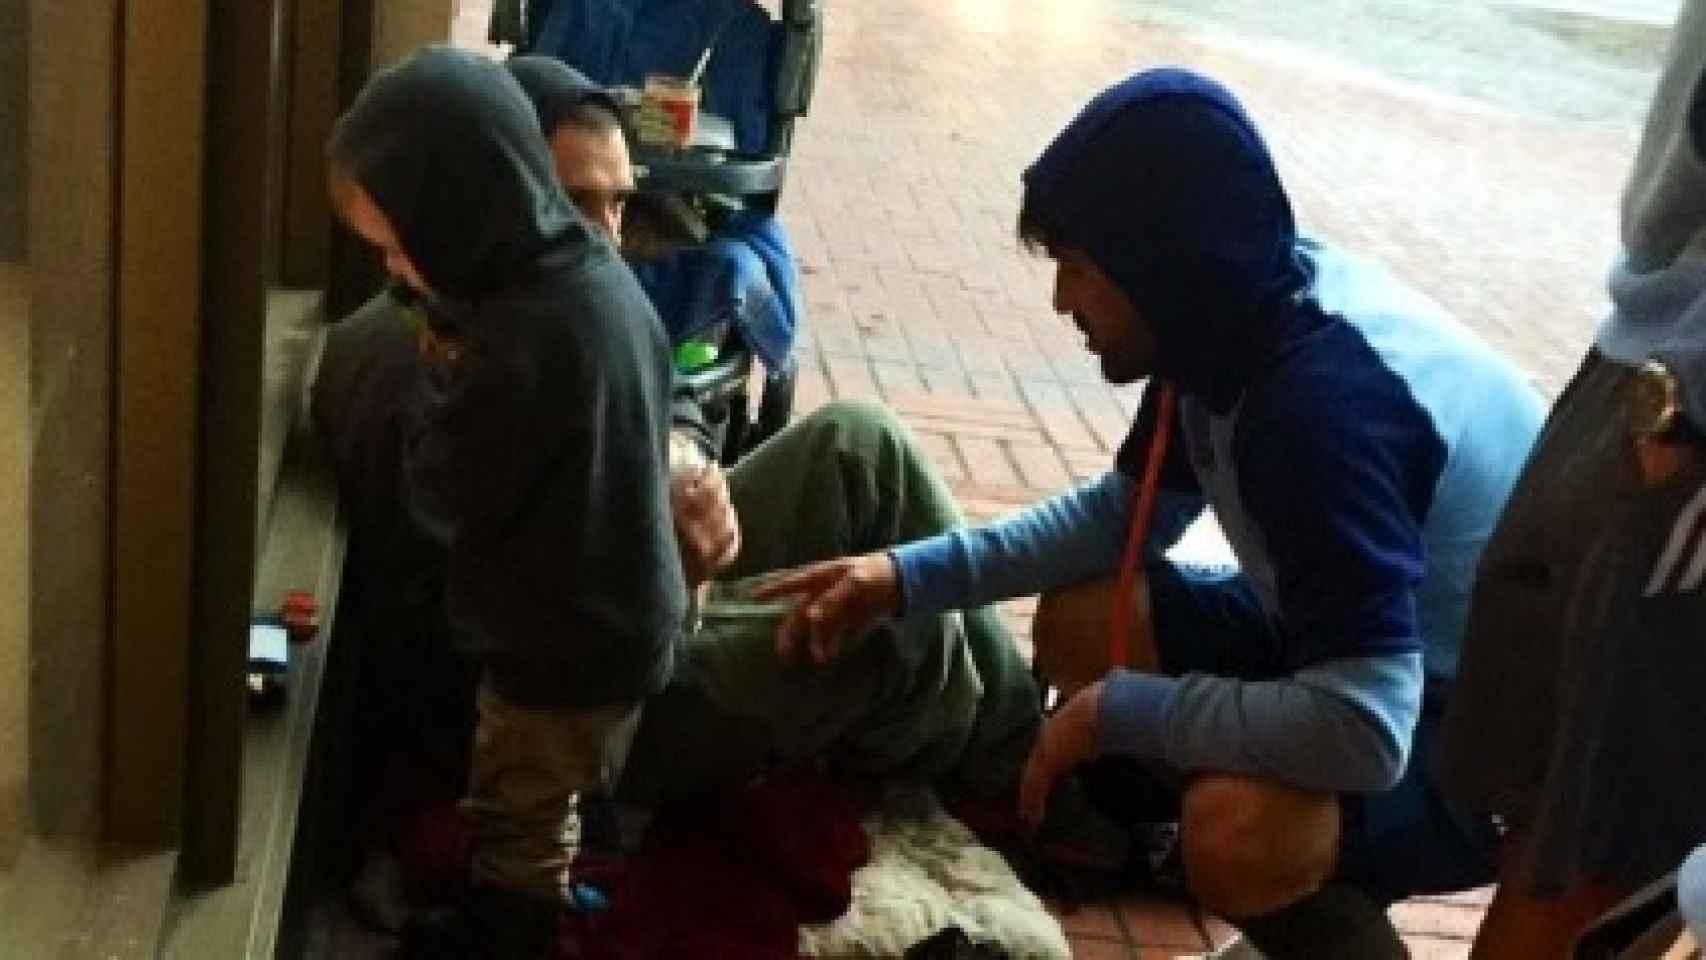 David Villa (de azul) ayudando a una persona sin hogar en las calles de Portland